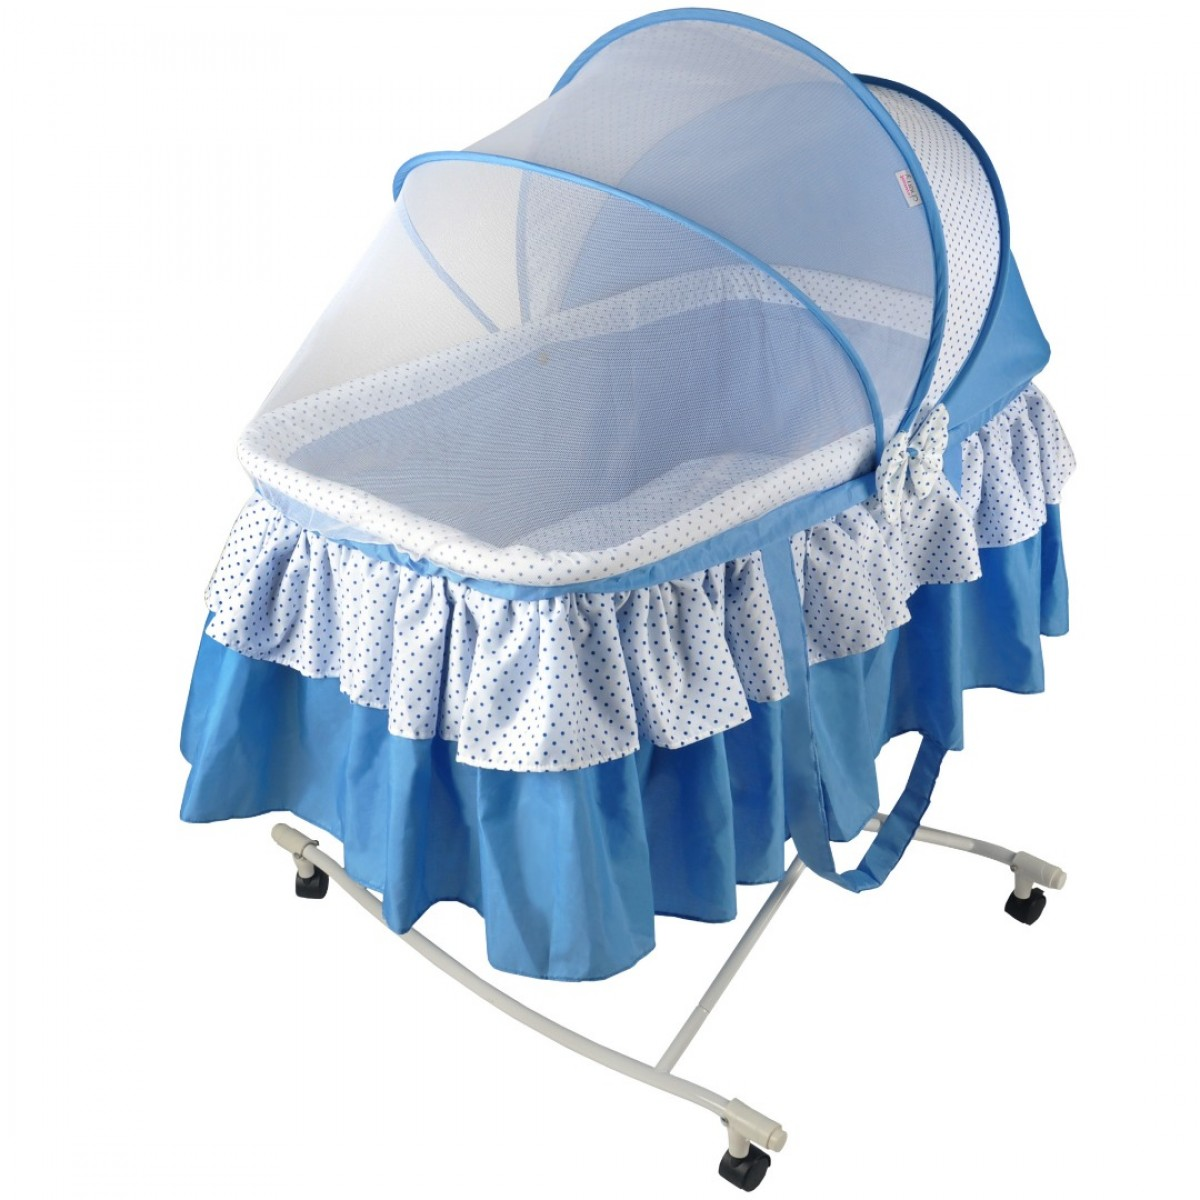 HANNAH CRADLE - Kico Baby Center